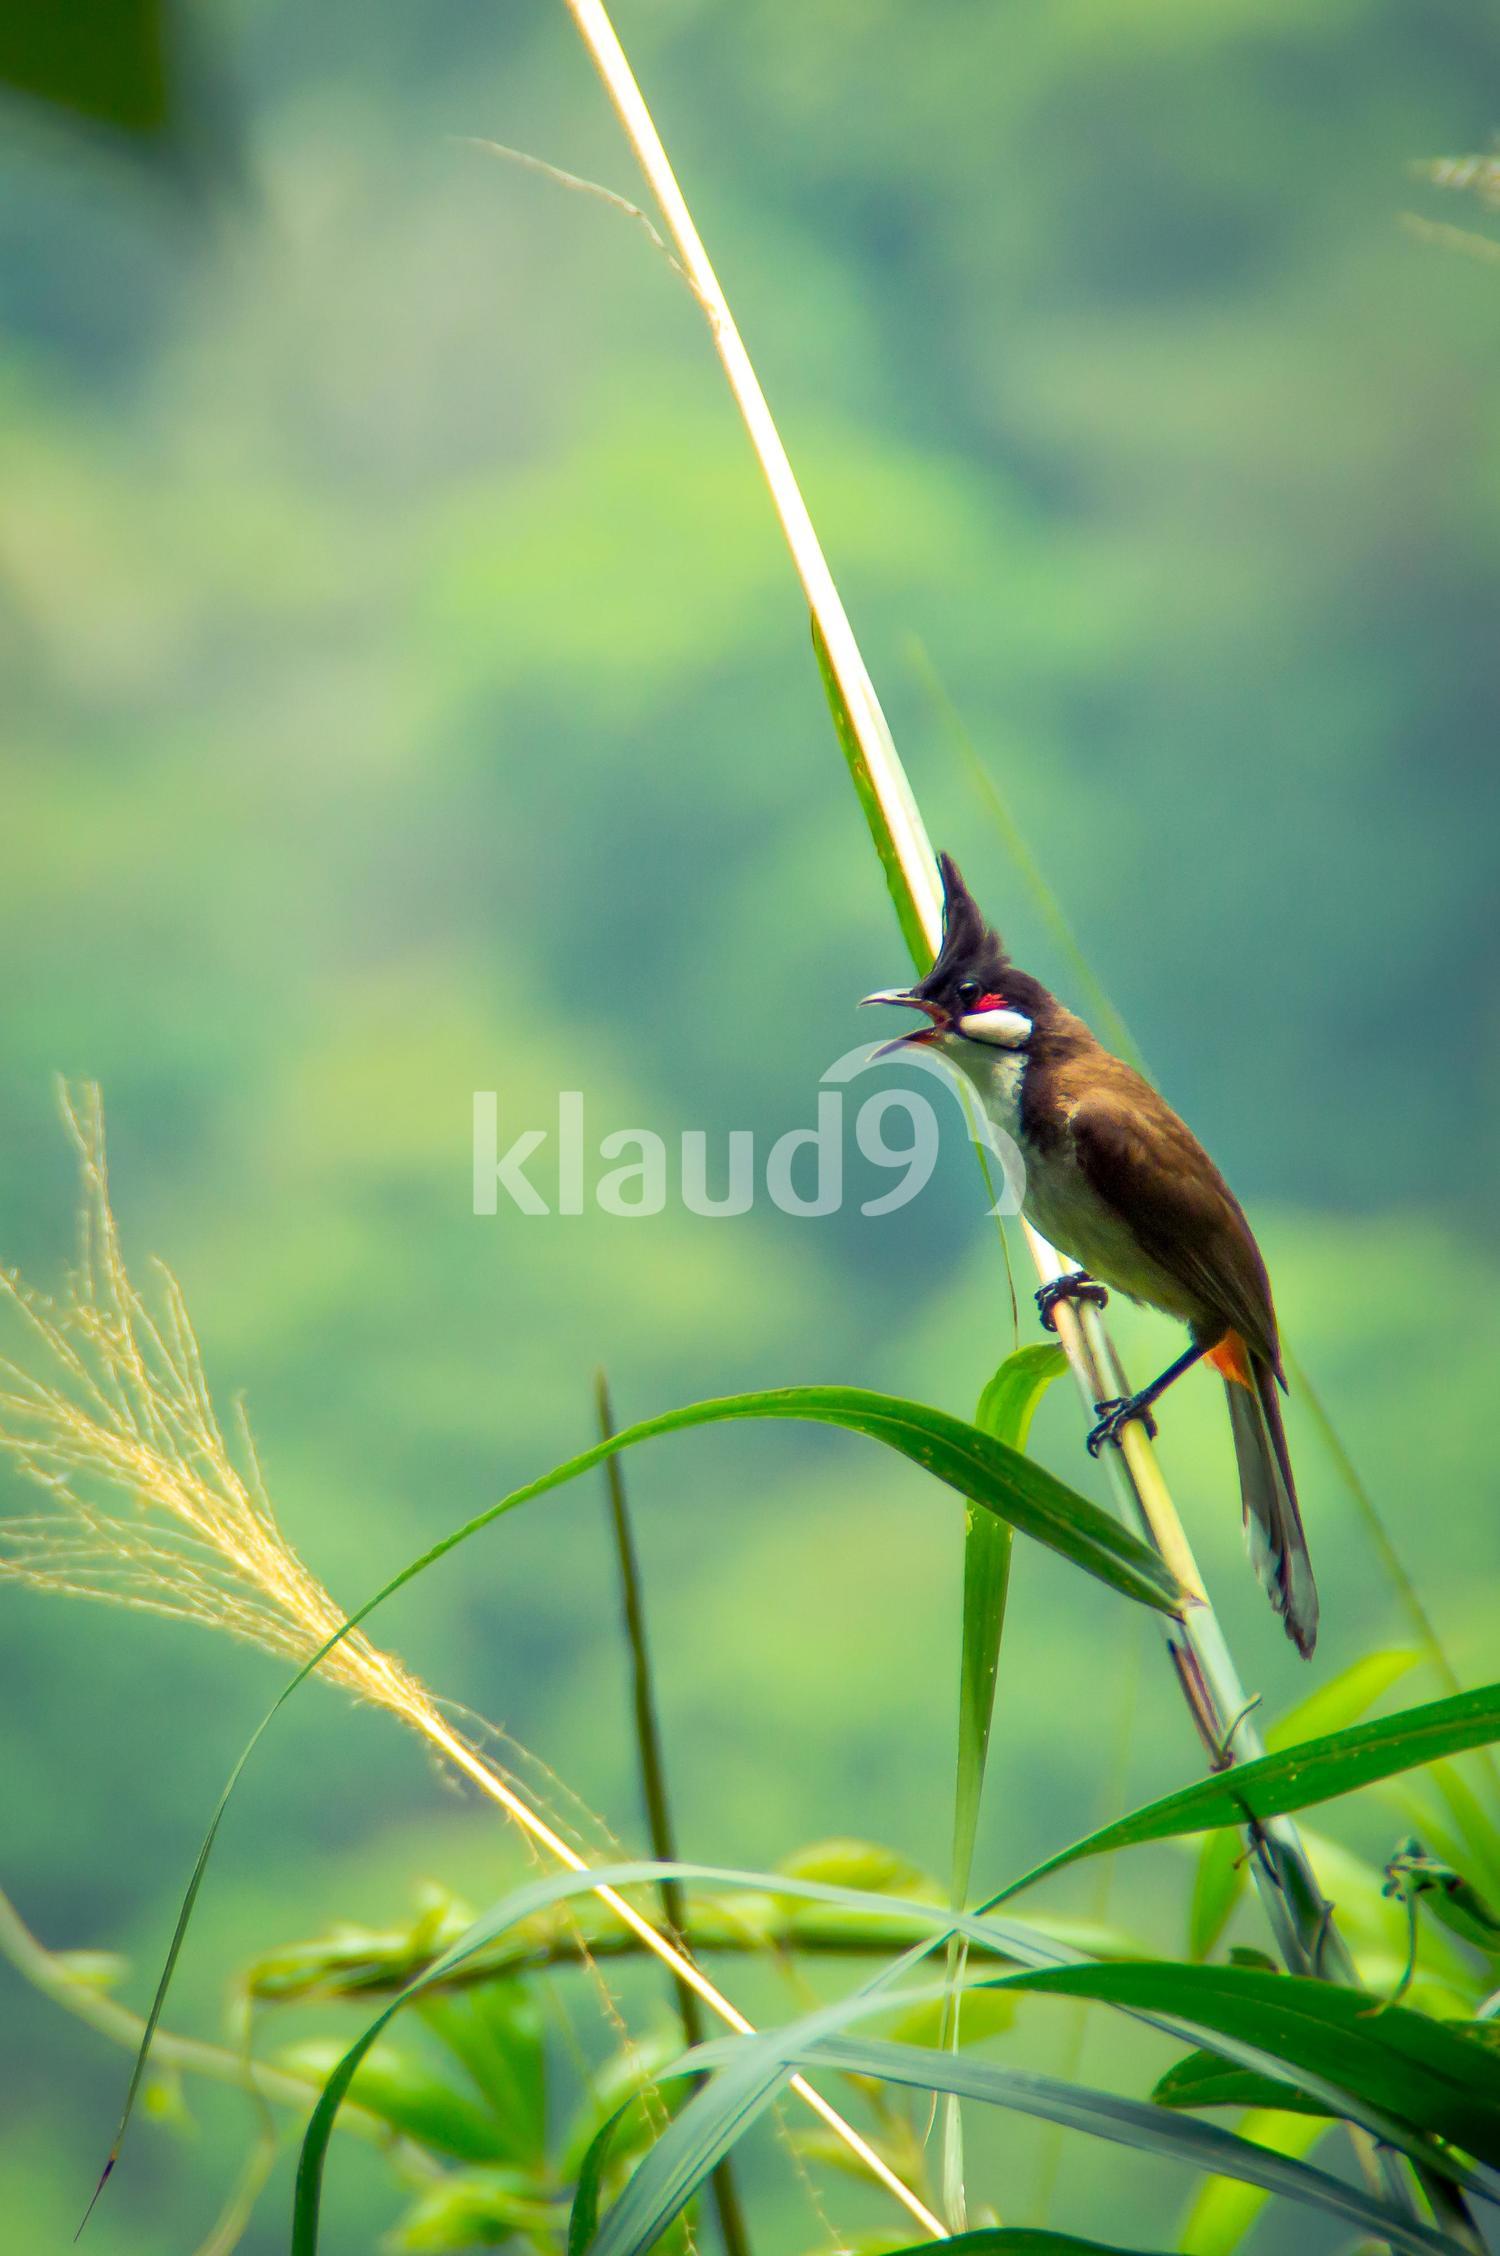 Bird enjoying its freedom